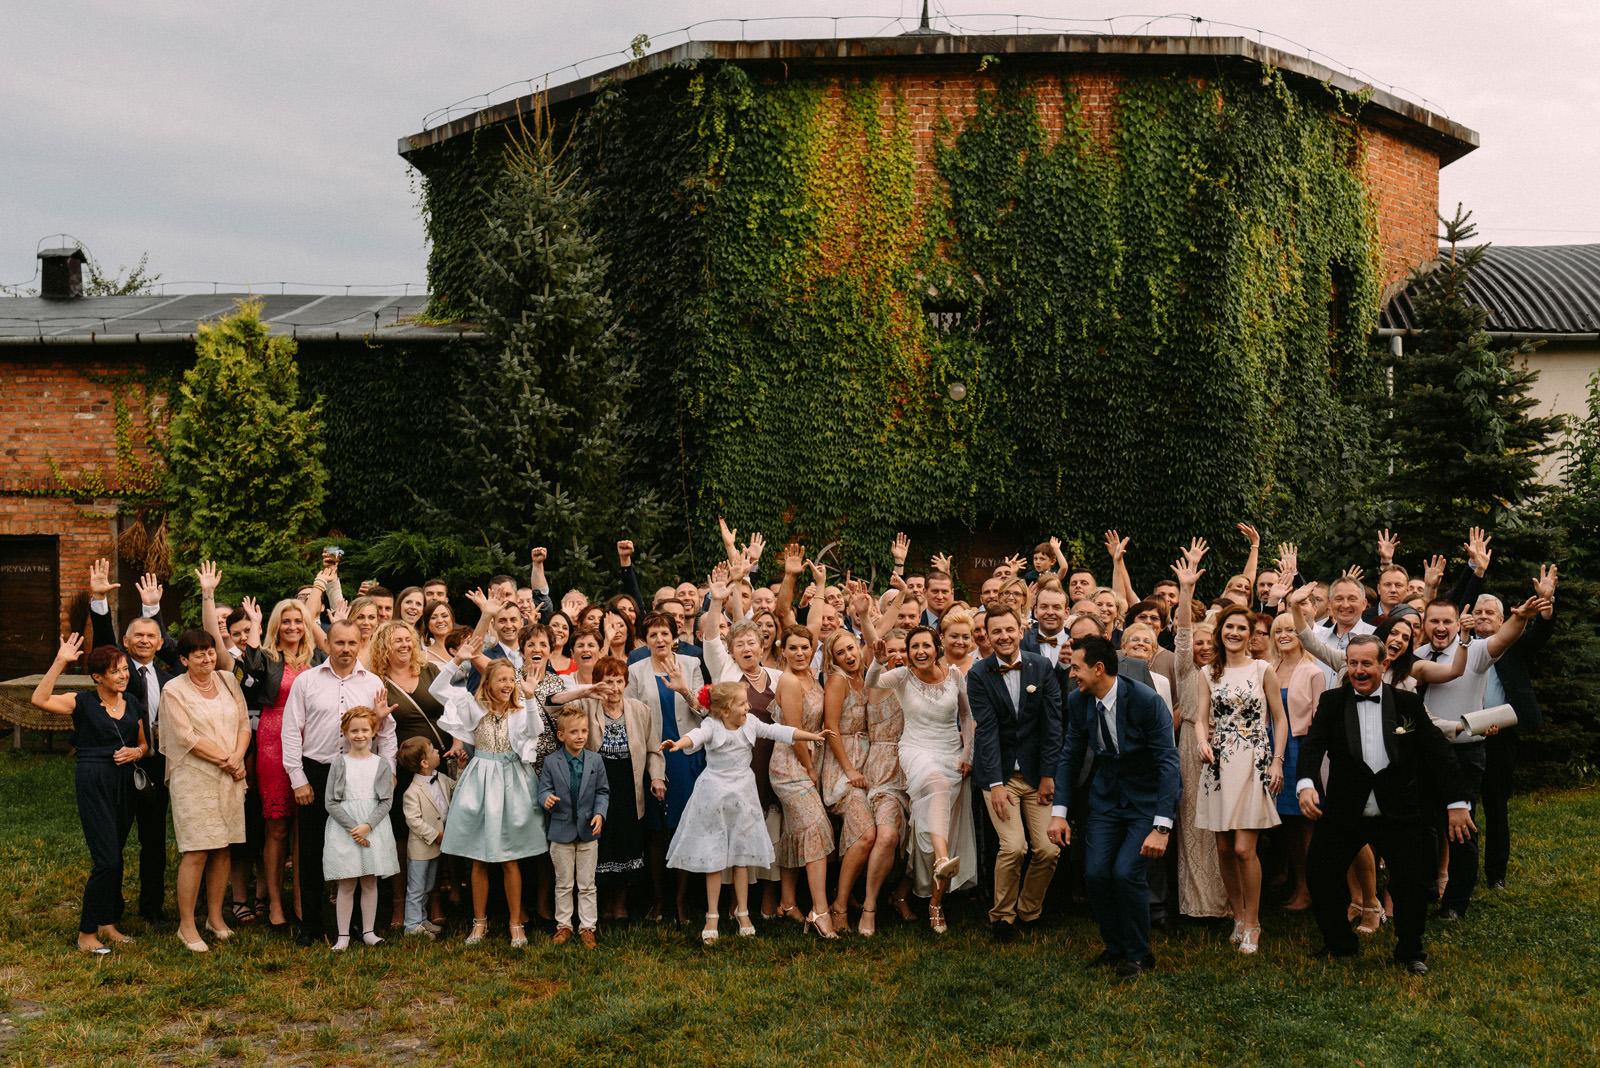 Osada młyńska i międzynarodowe wesele plenerowe, Oryszew pod Warszawą - Luke Sezeck fotografia